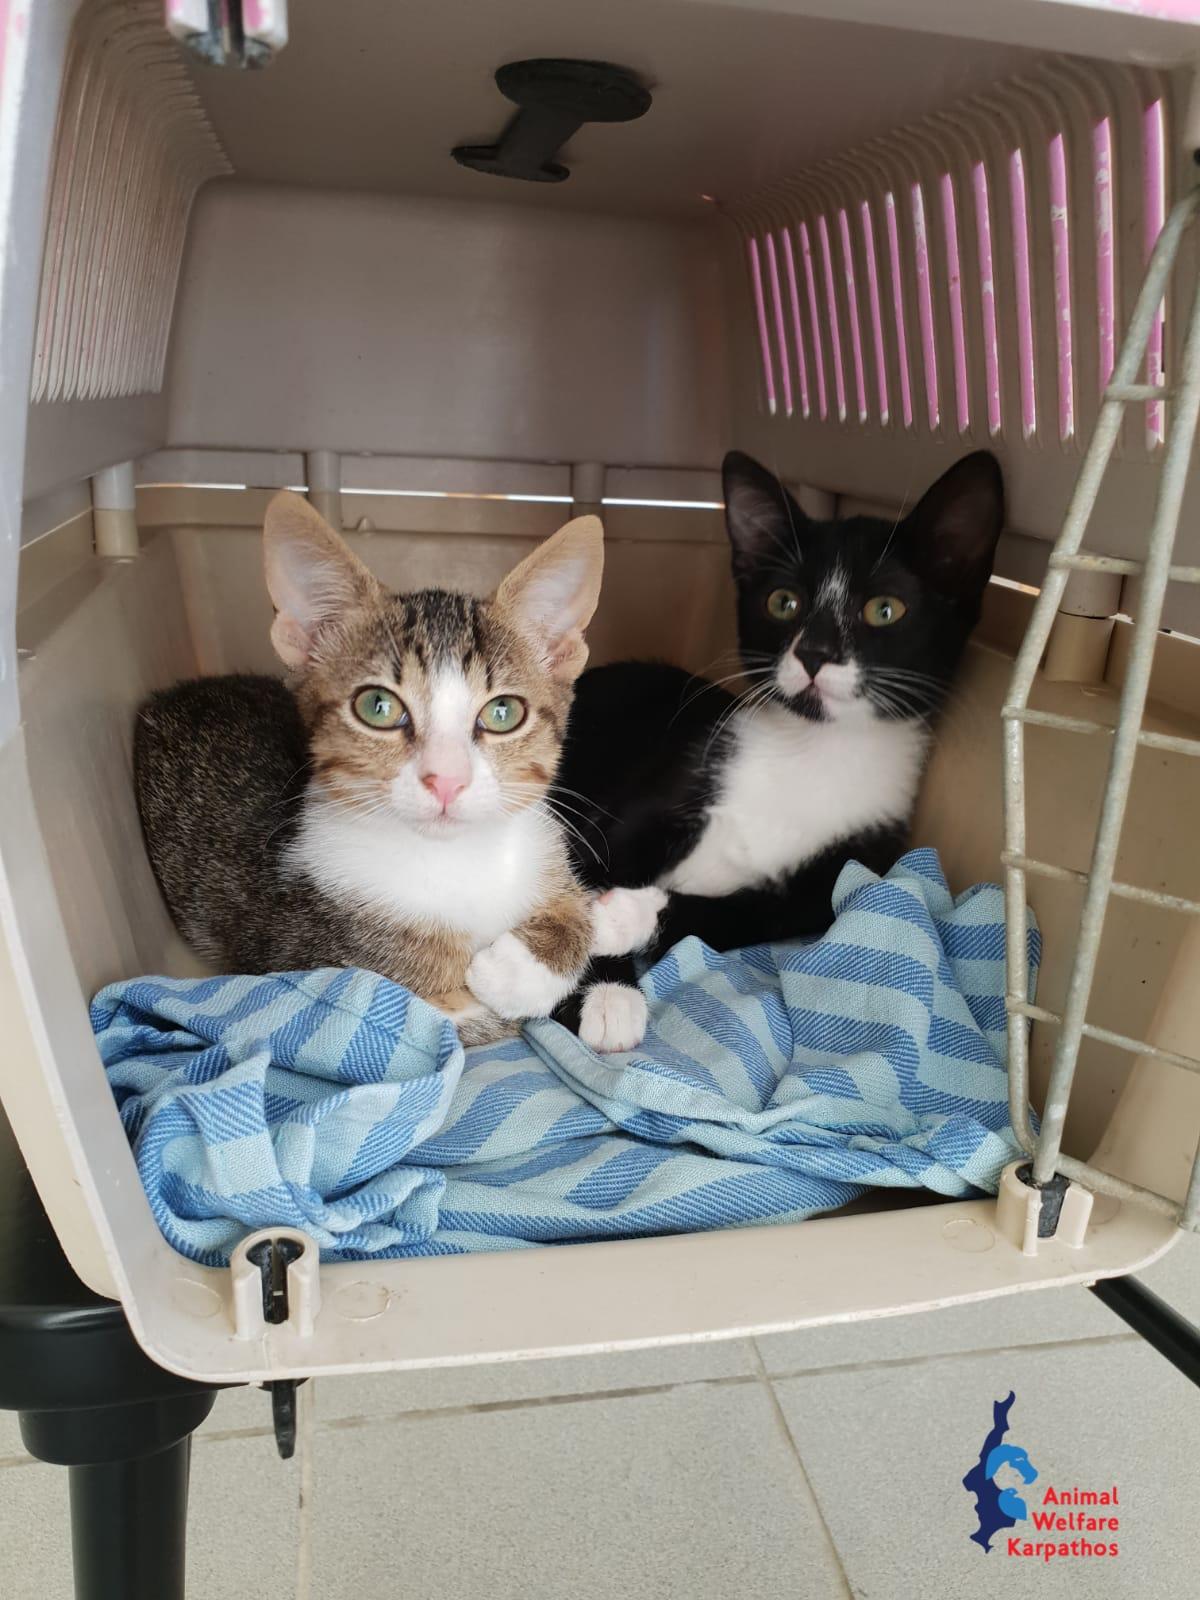 Τα δυο γατακια που βρέθηκαν σε κουτα στα σκουπίδια είναι πλέον υιοθετημένα στο εξωτερικό. Η δεύτερη φωτογραφία είναι από πριν ταξιδέψουν